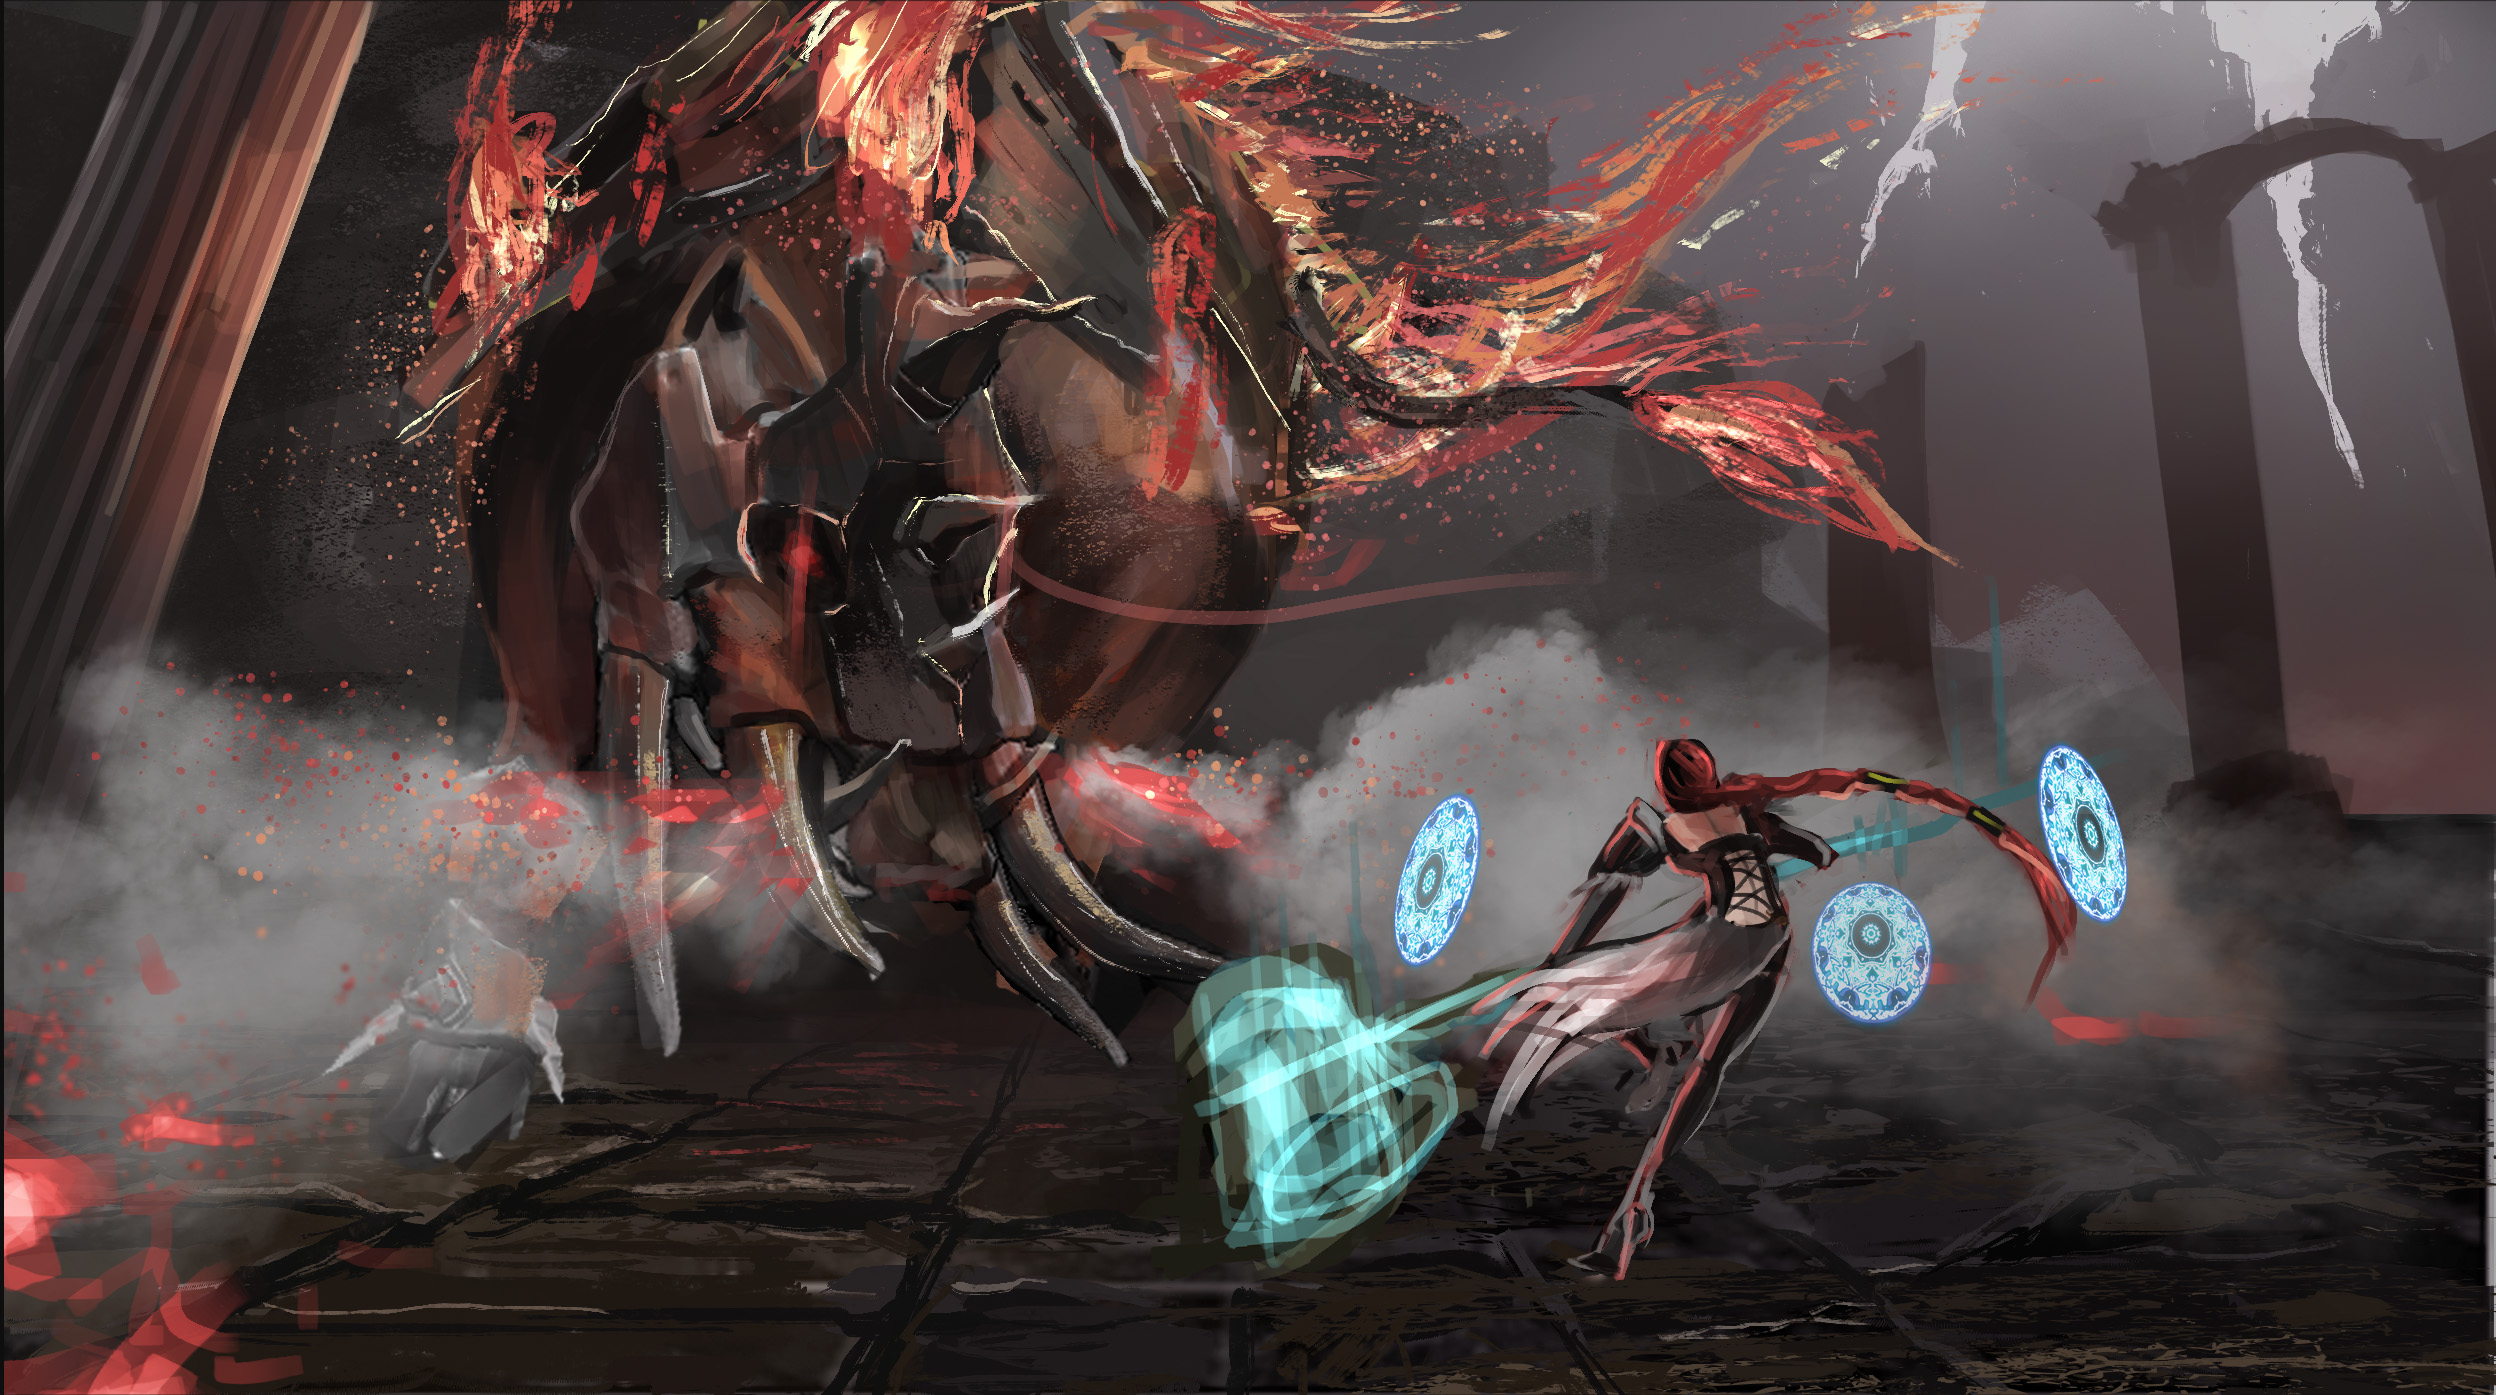 ゲーム全体のイメージを示すコンセプトアート